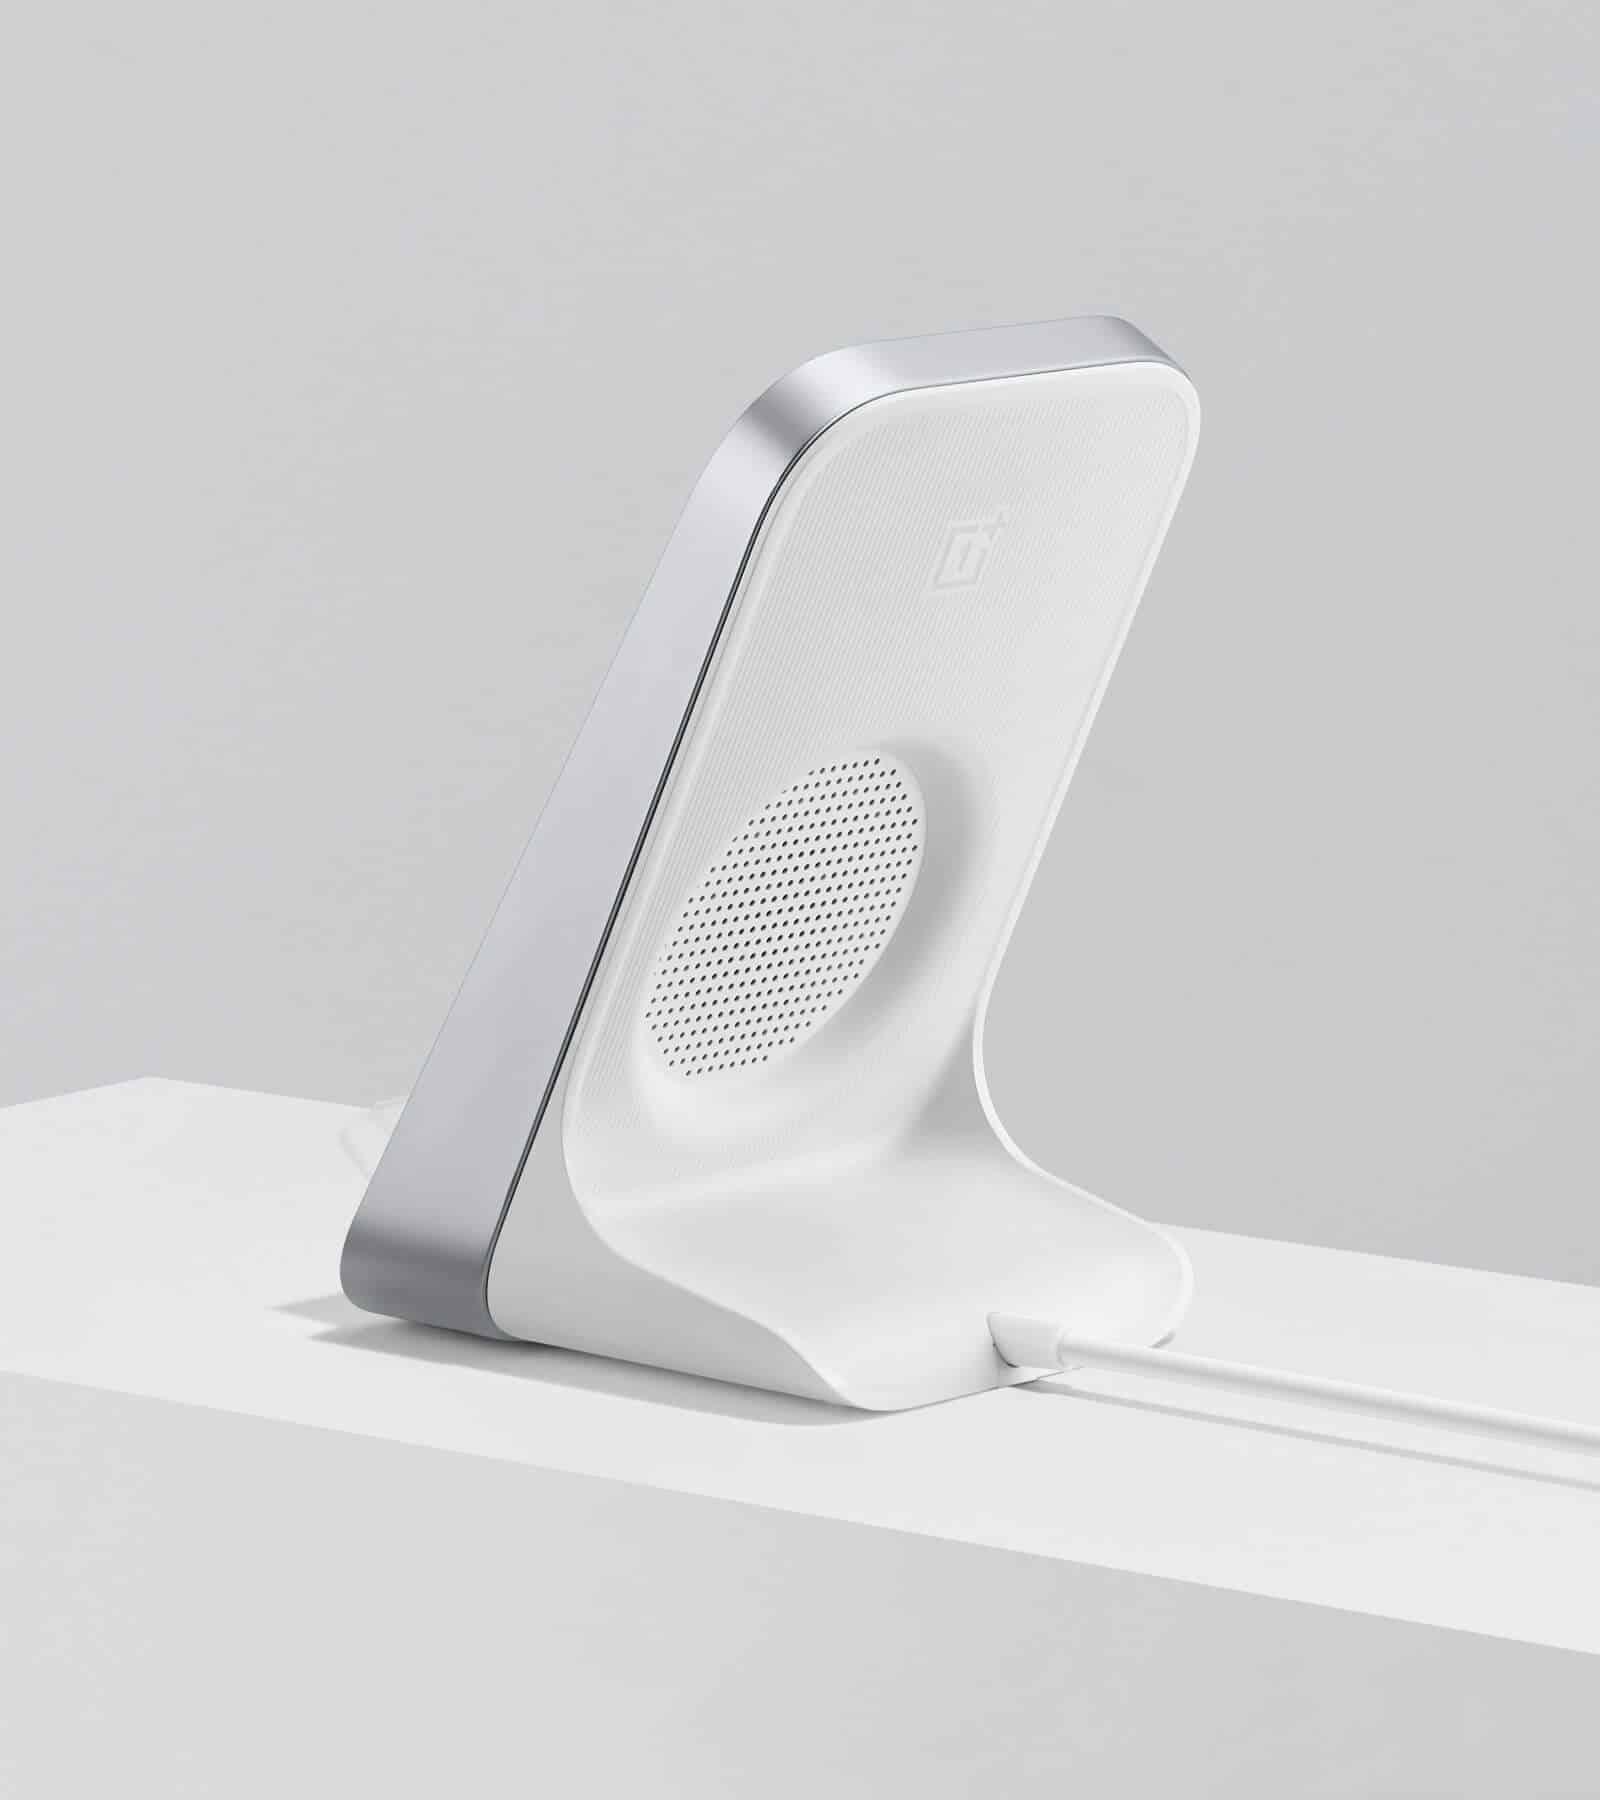 OnePlus 8 Pro wireless charging dock leak 2